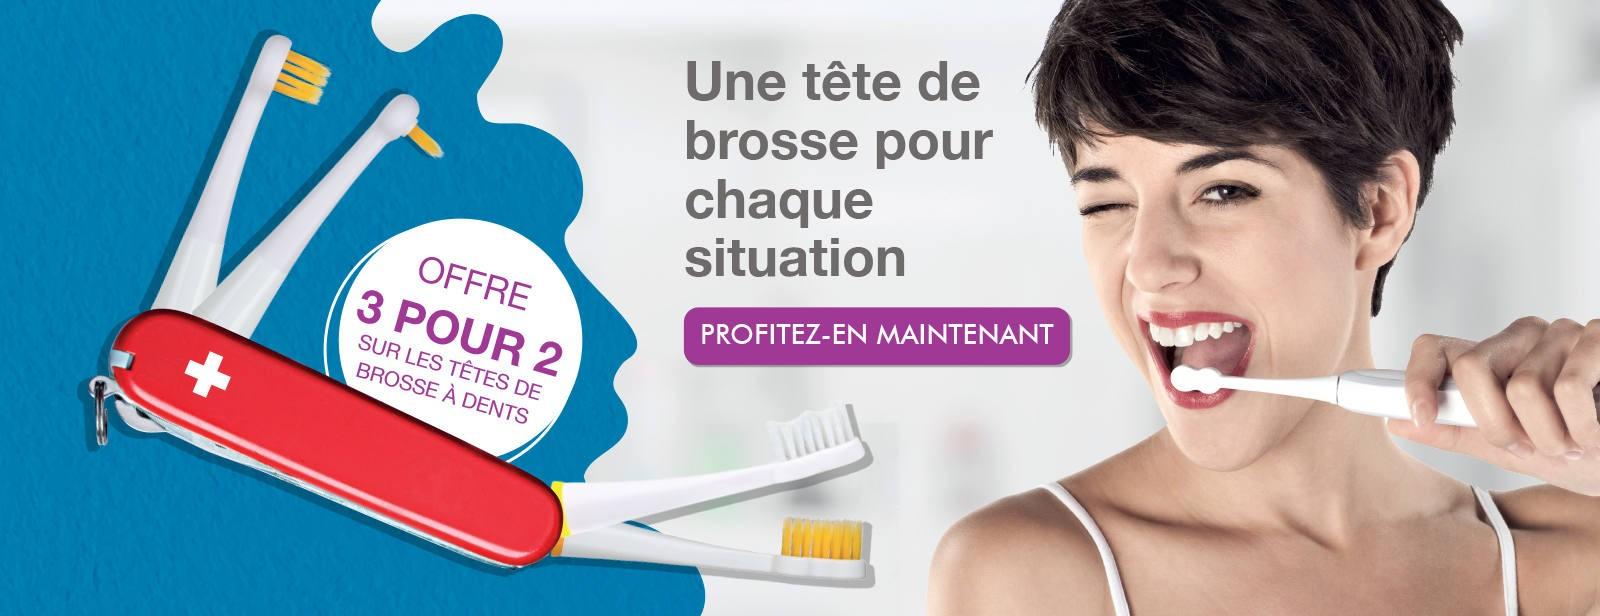 Division Multinationale Neuf Style 100/% Résine Brosse à dents électrique titulaire gris moucheté Finition